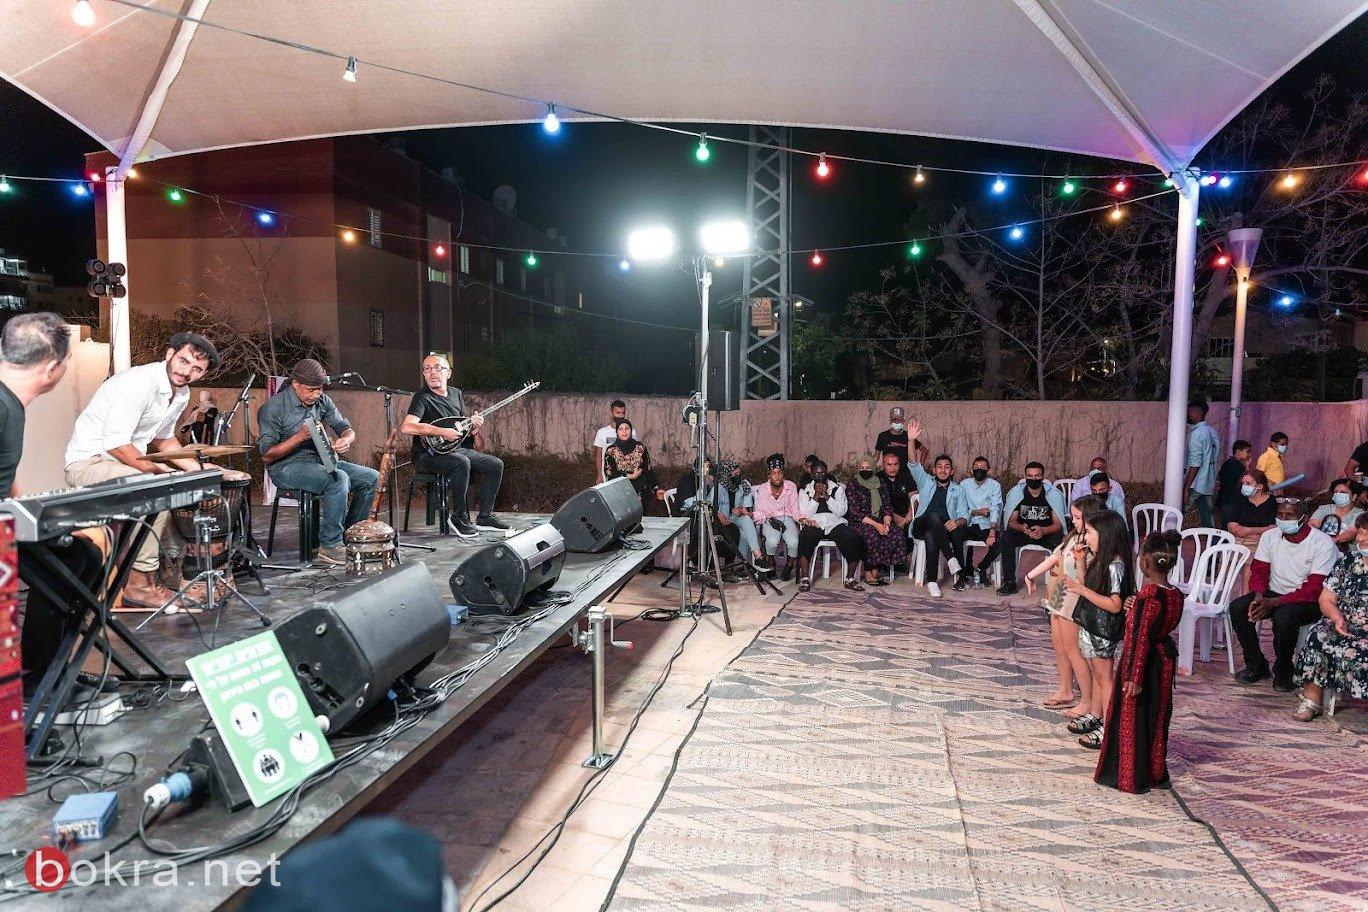 مسرح اليمامة ينظم أمسية ثقافية فنية في مدينة ديمونا-4